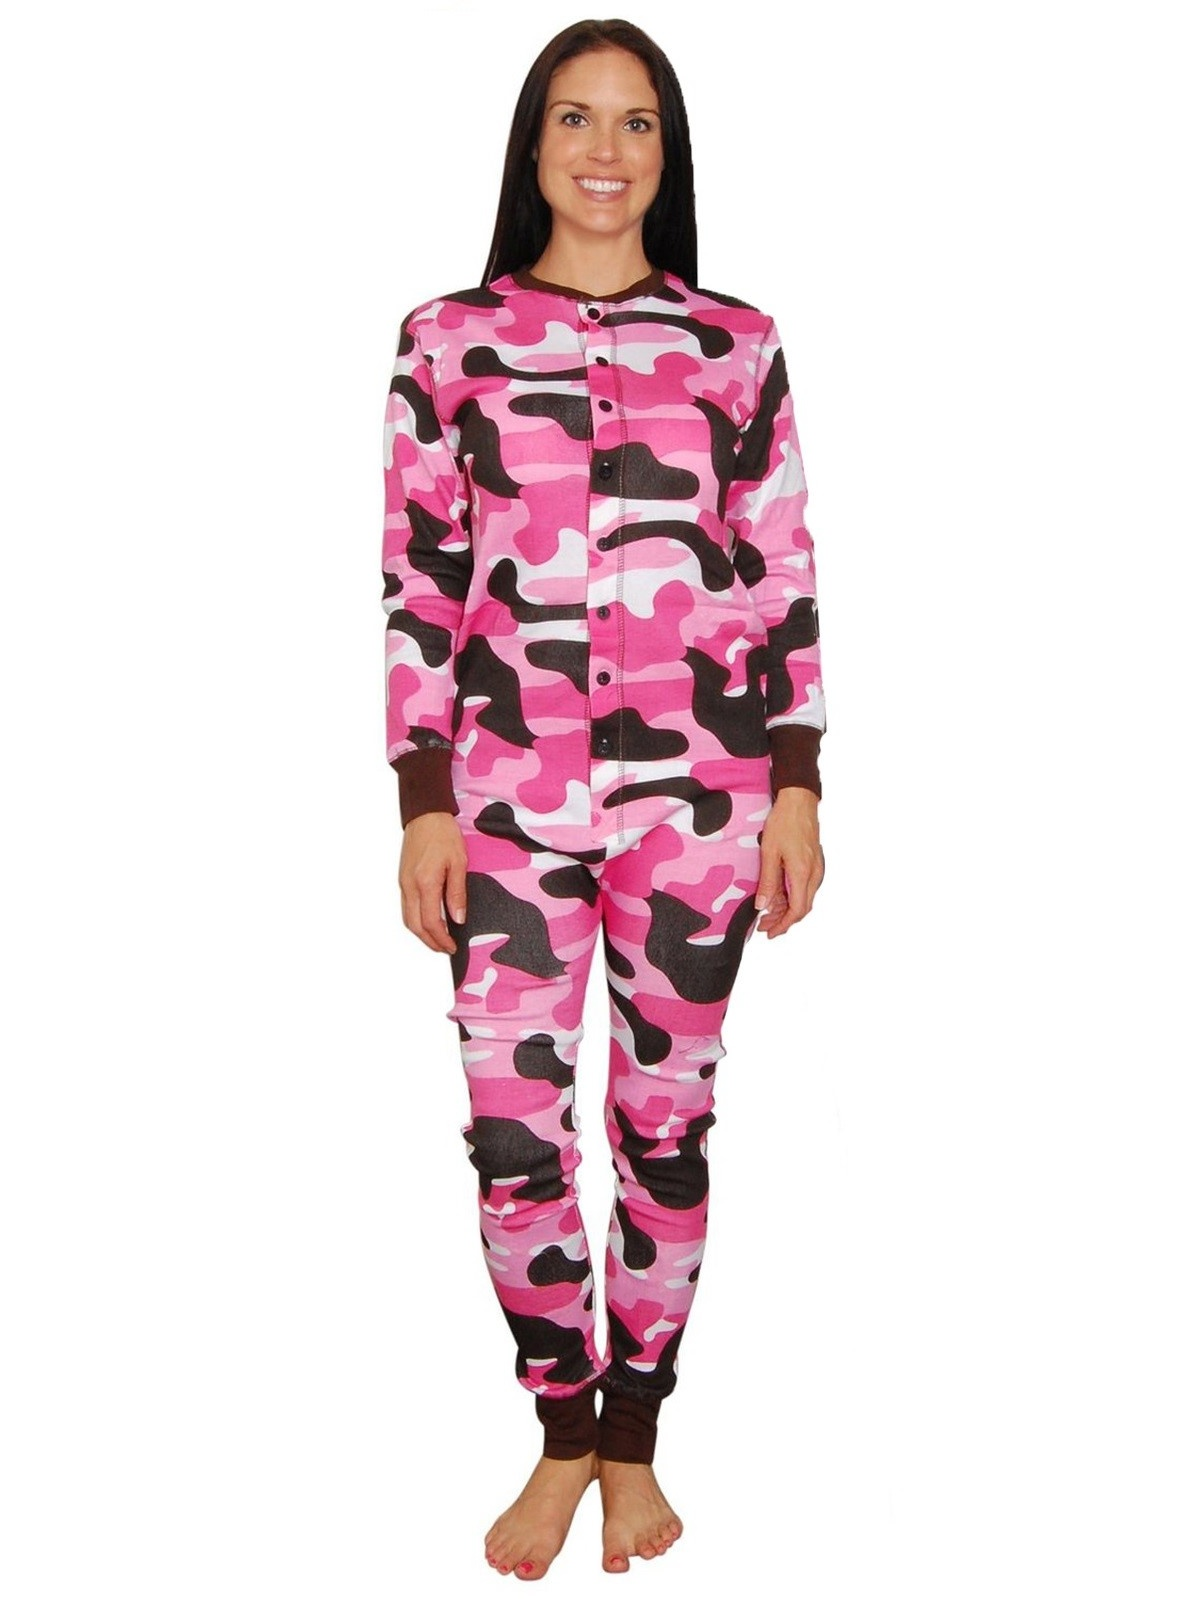 Lazy One Womens Pink Camo Flapjacks Adult Onesie Loungewear Pajamas ...